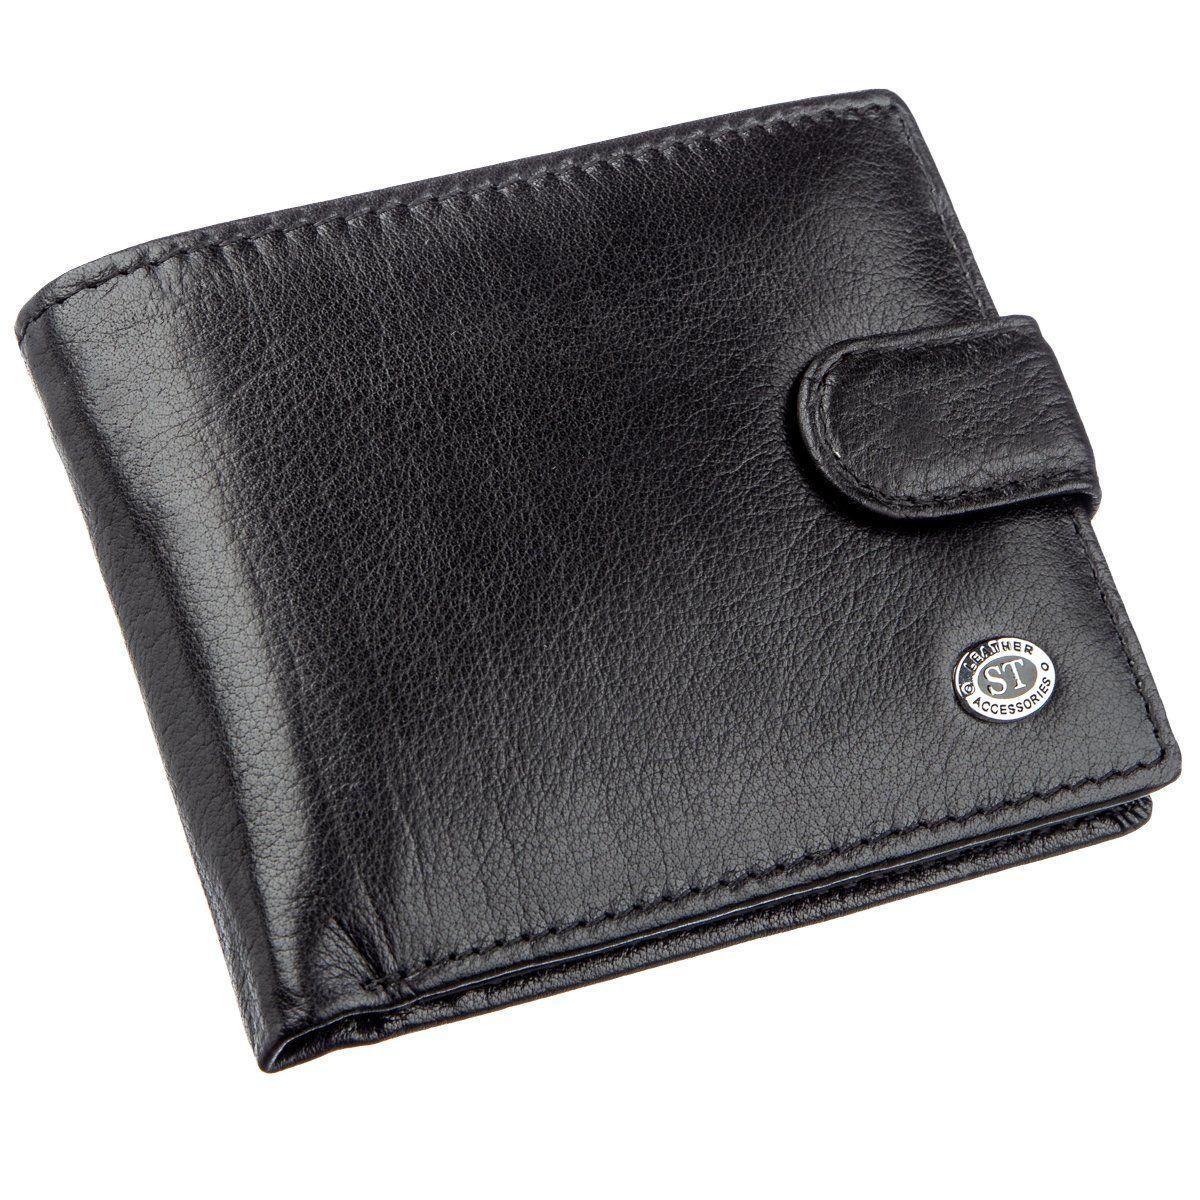 Портмоне для мужчин из натуральной кожи ST Leather 18835 Черный, Черный